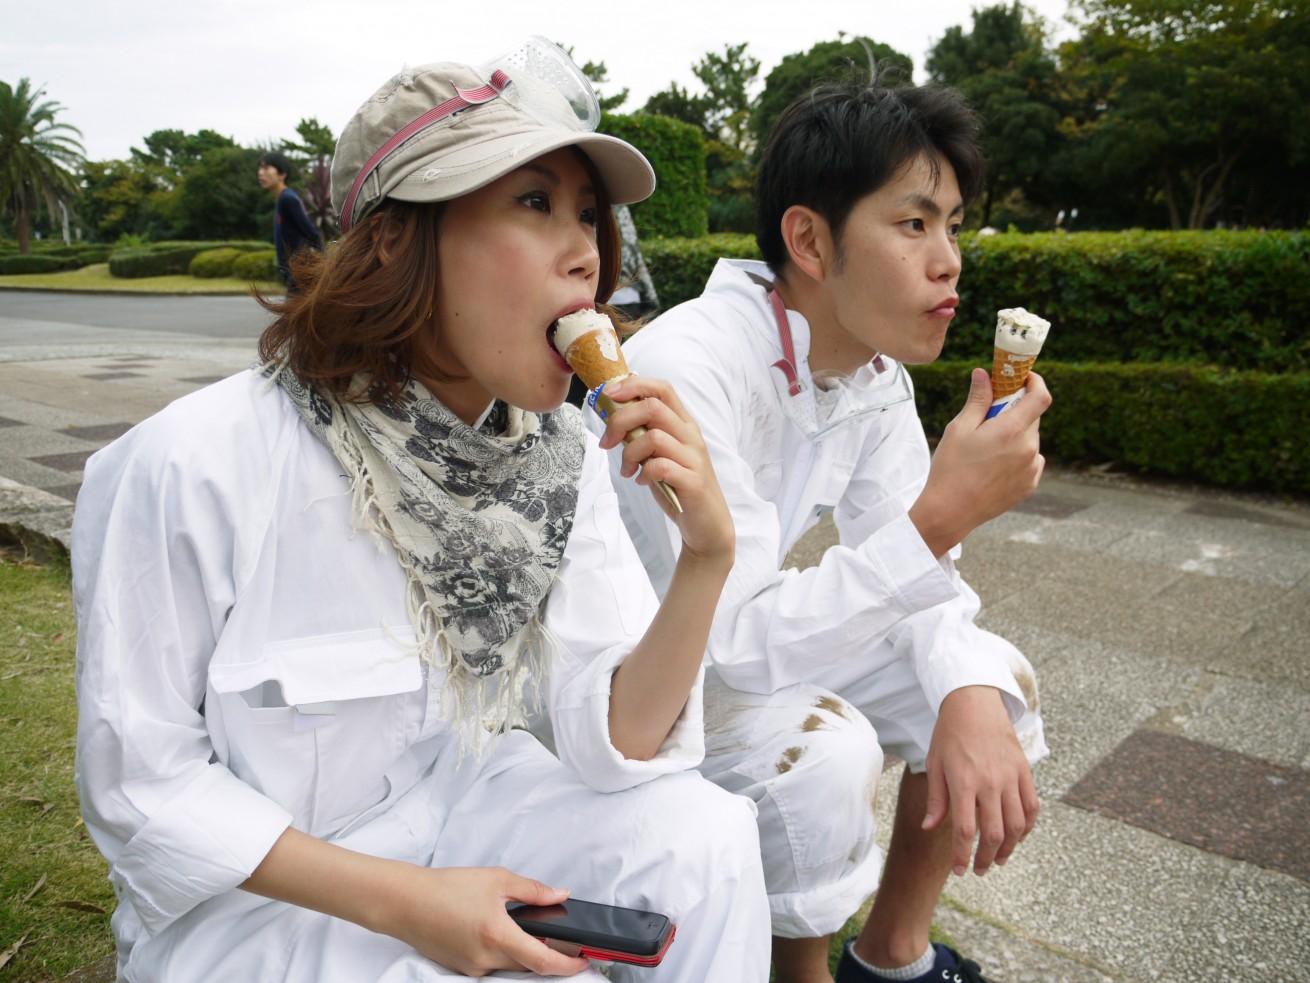 アイスを食べる2人_ゾンビハザード